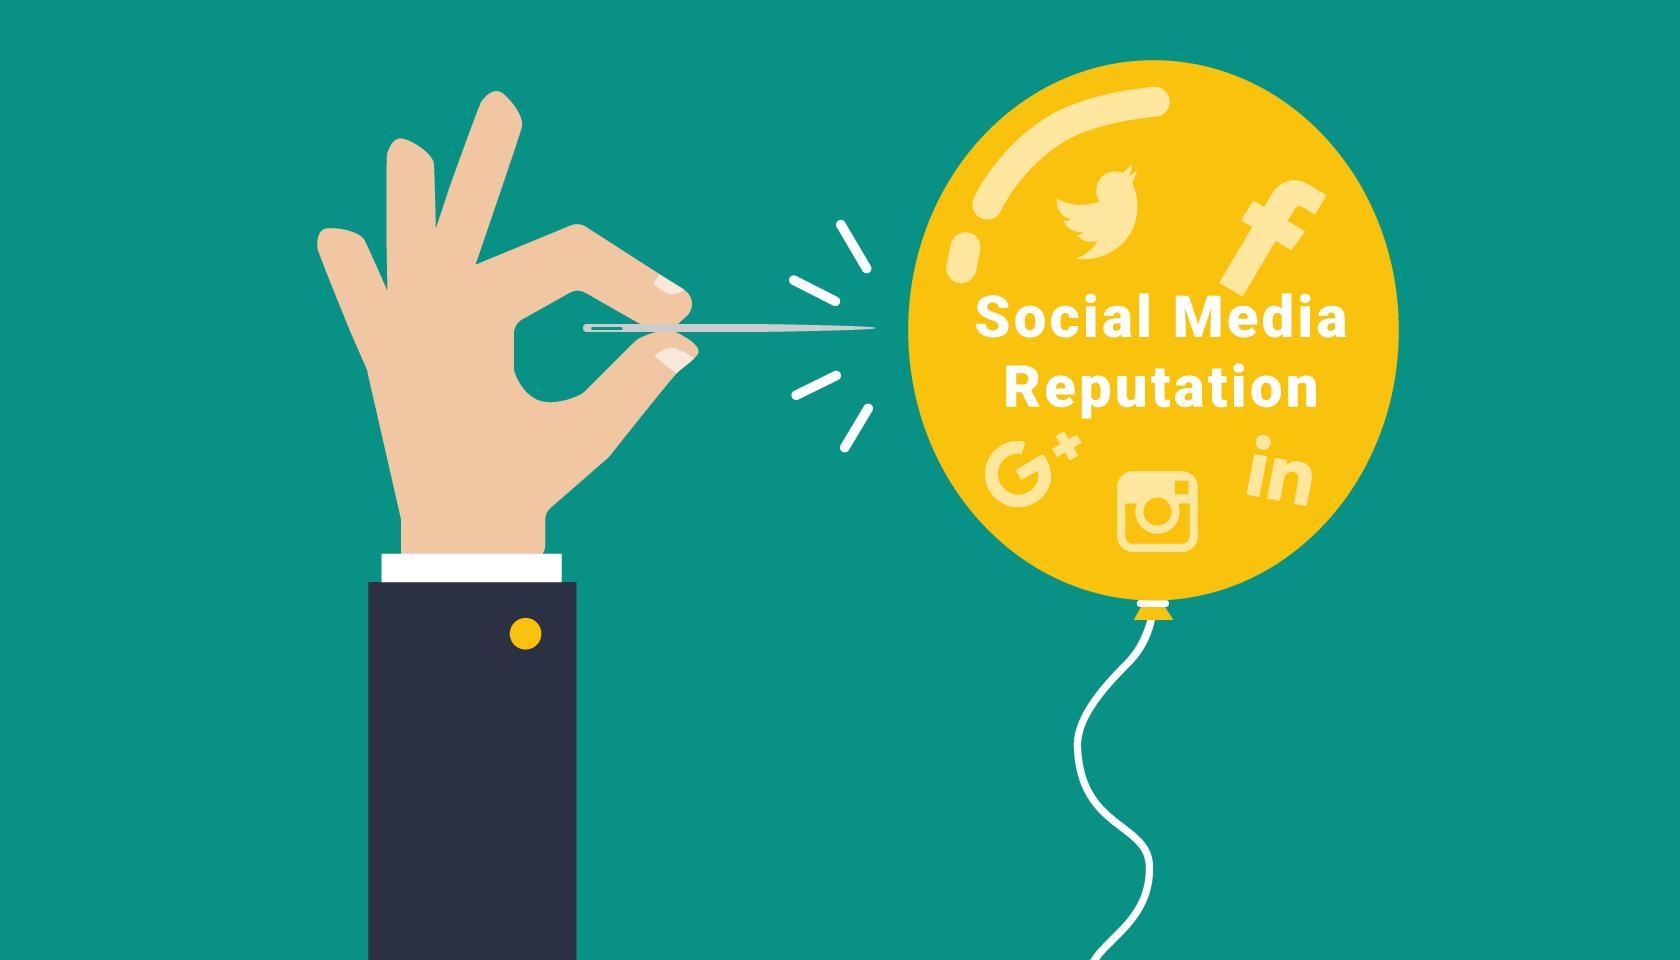 6 cách giúp thương hiệu quản lý danh tiếng trên mạng xã hội hiệu quả marketirngreview.vn